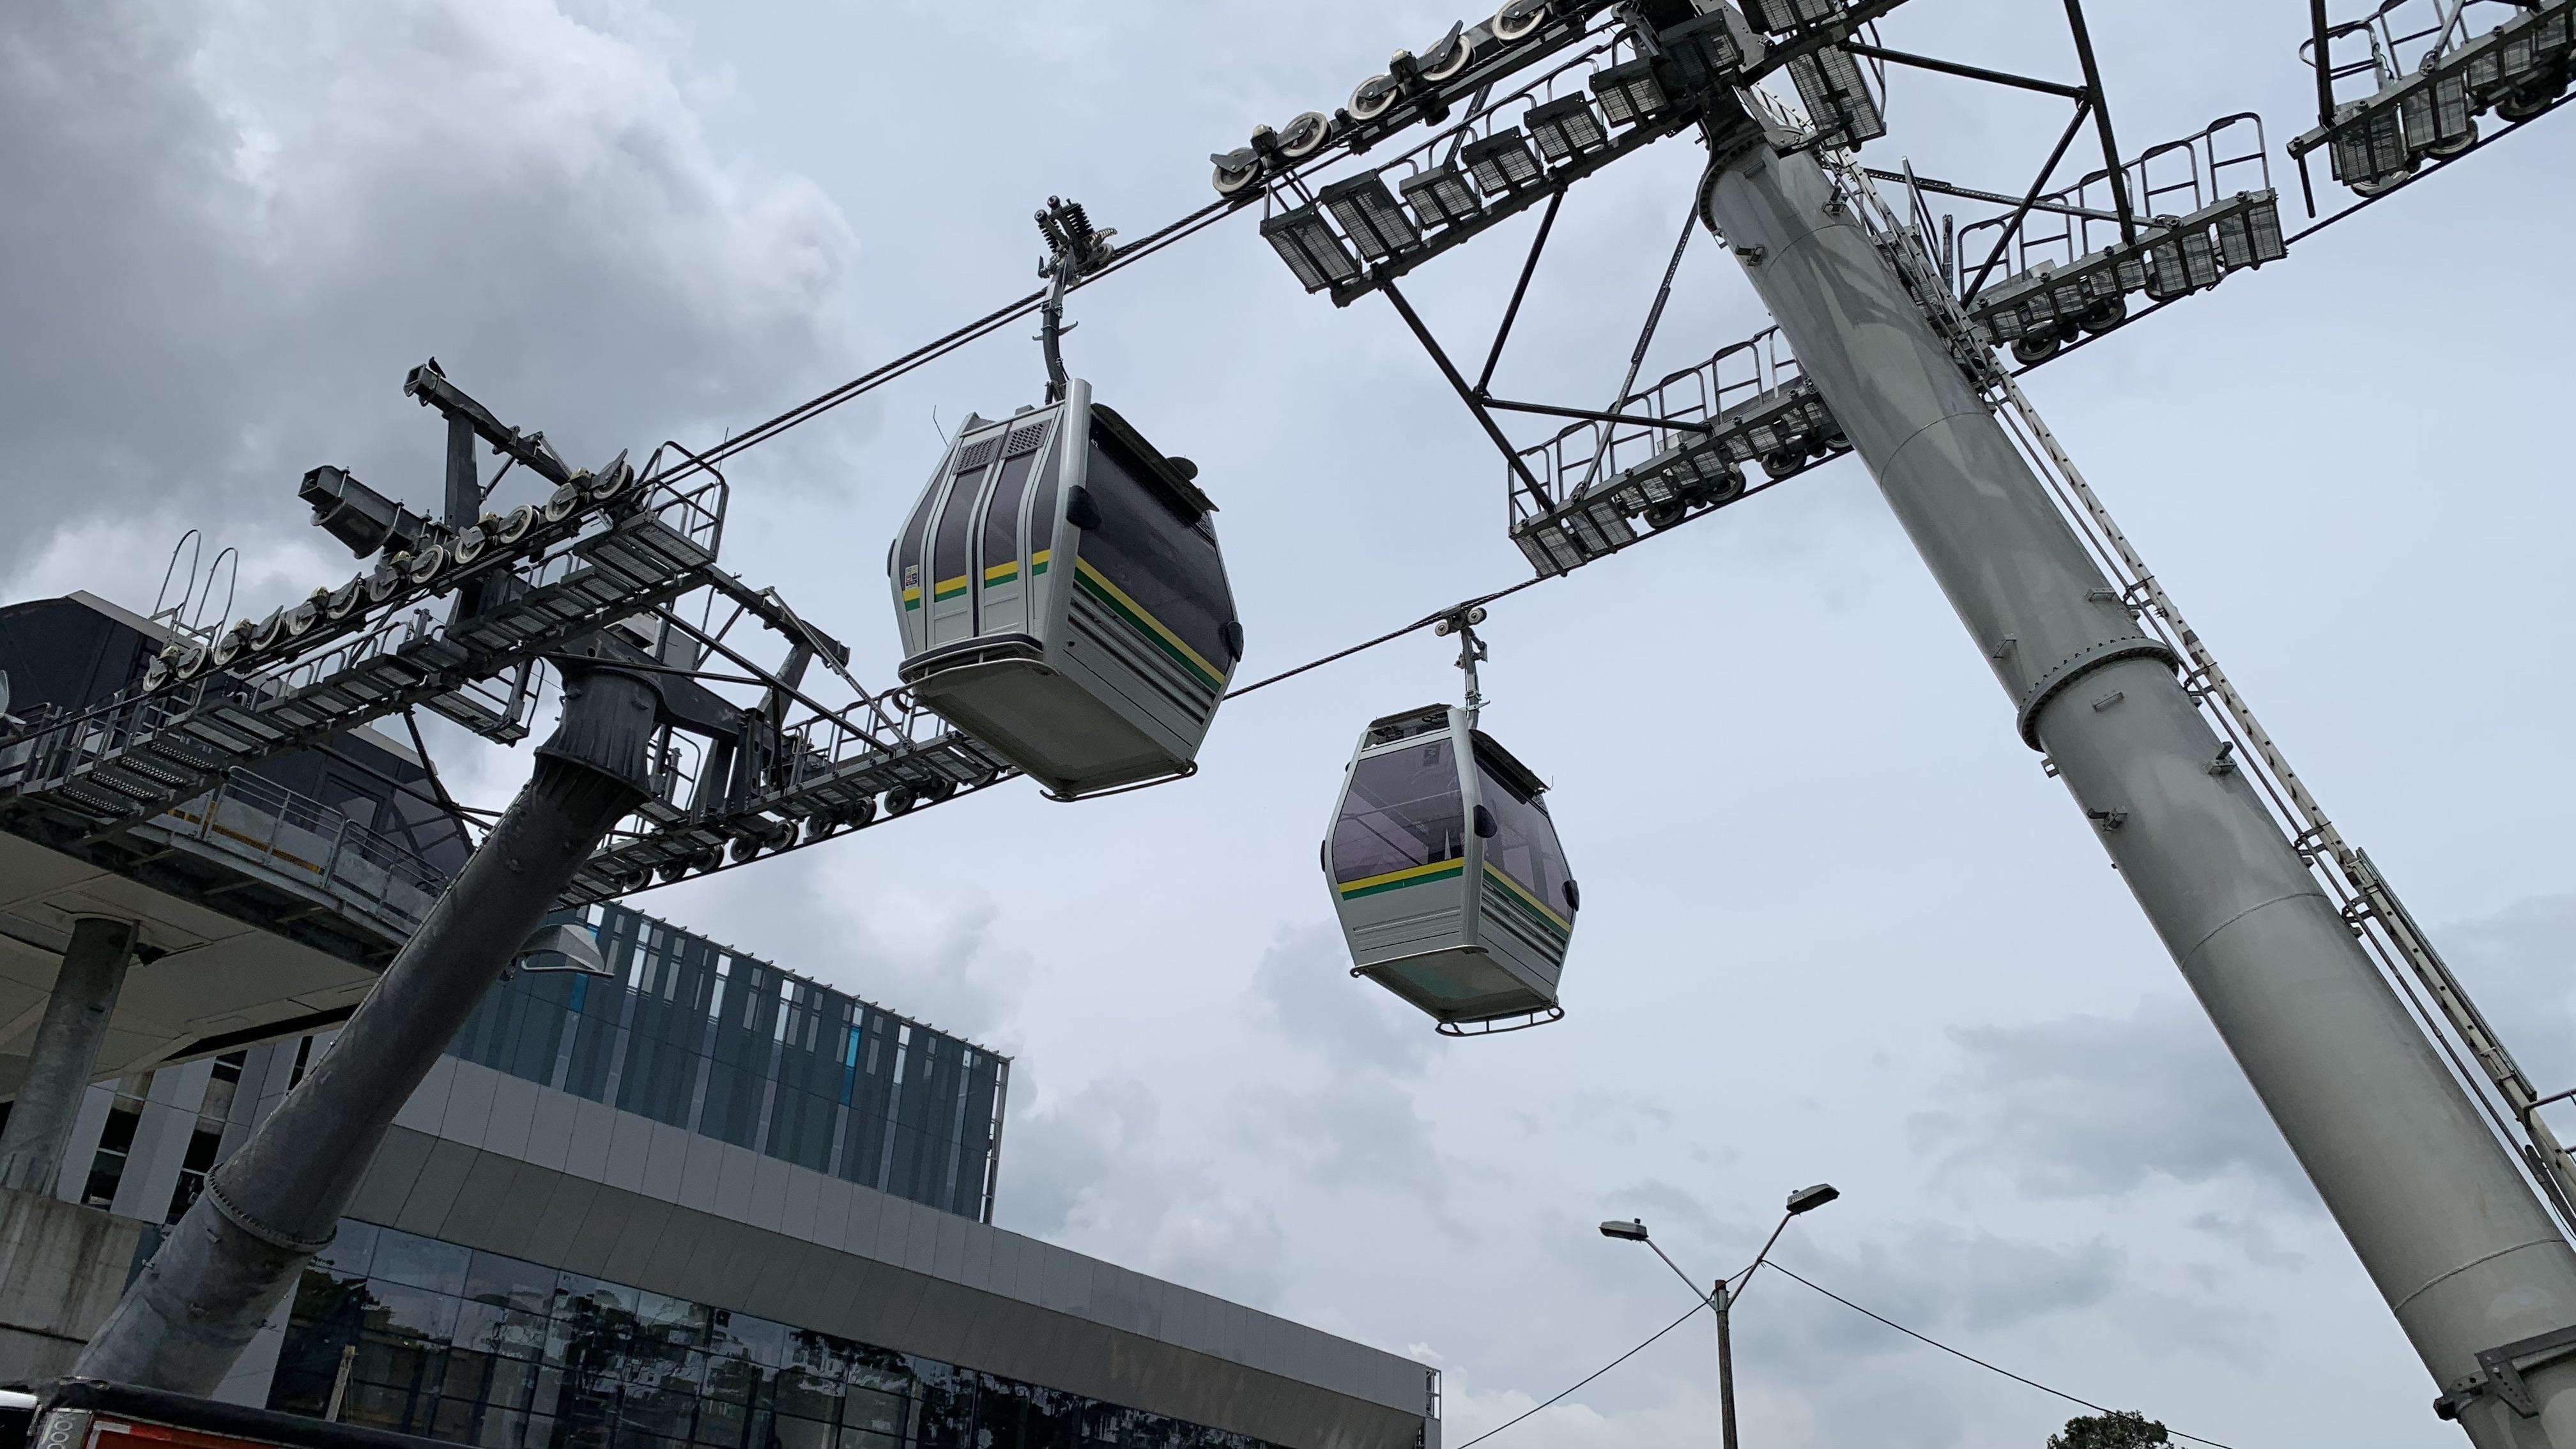 Medellín public transport system advancing despite missed opportunities